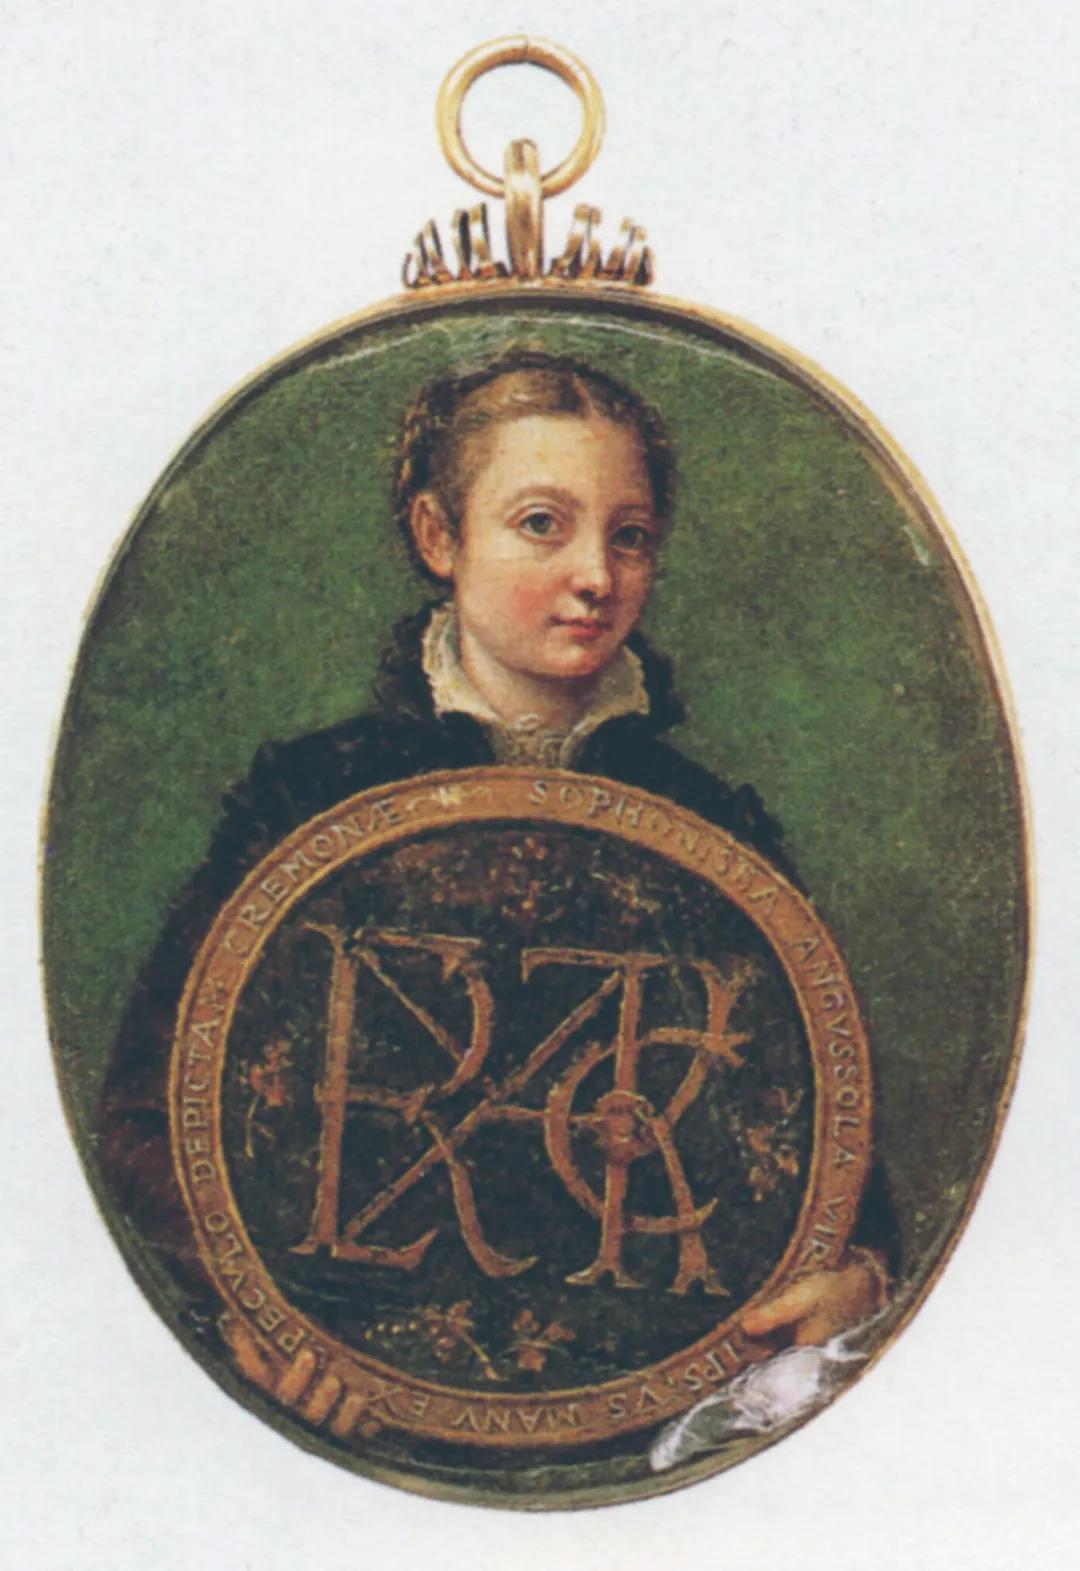 索弗尼斯瓦·安古索拉 手持奖章的自画像 水彩、光油 约1566年